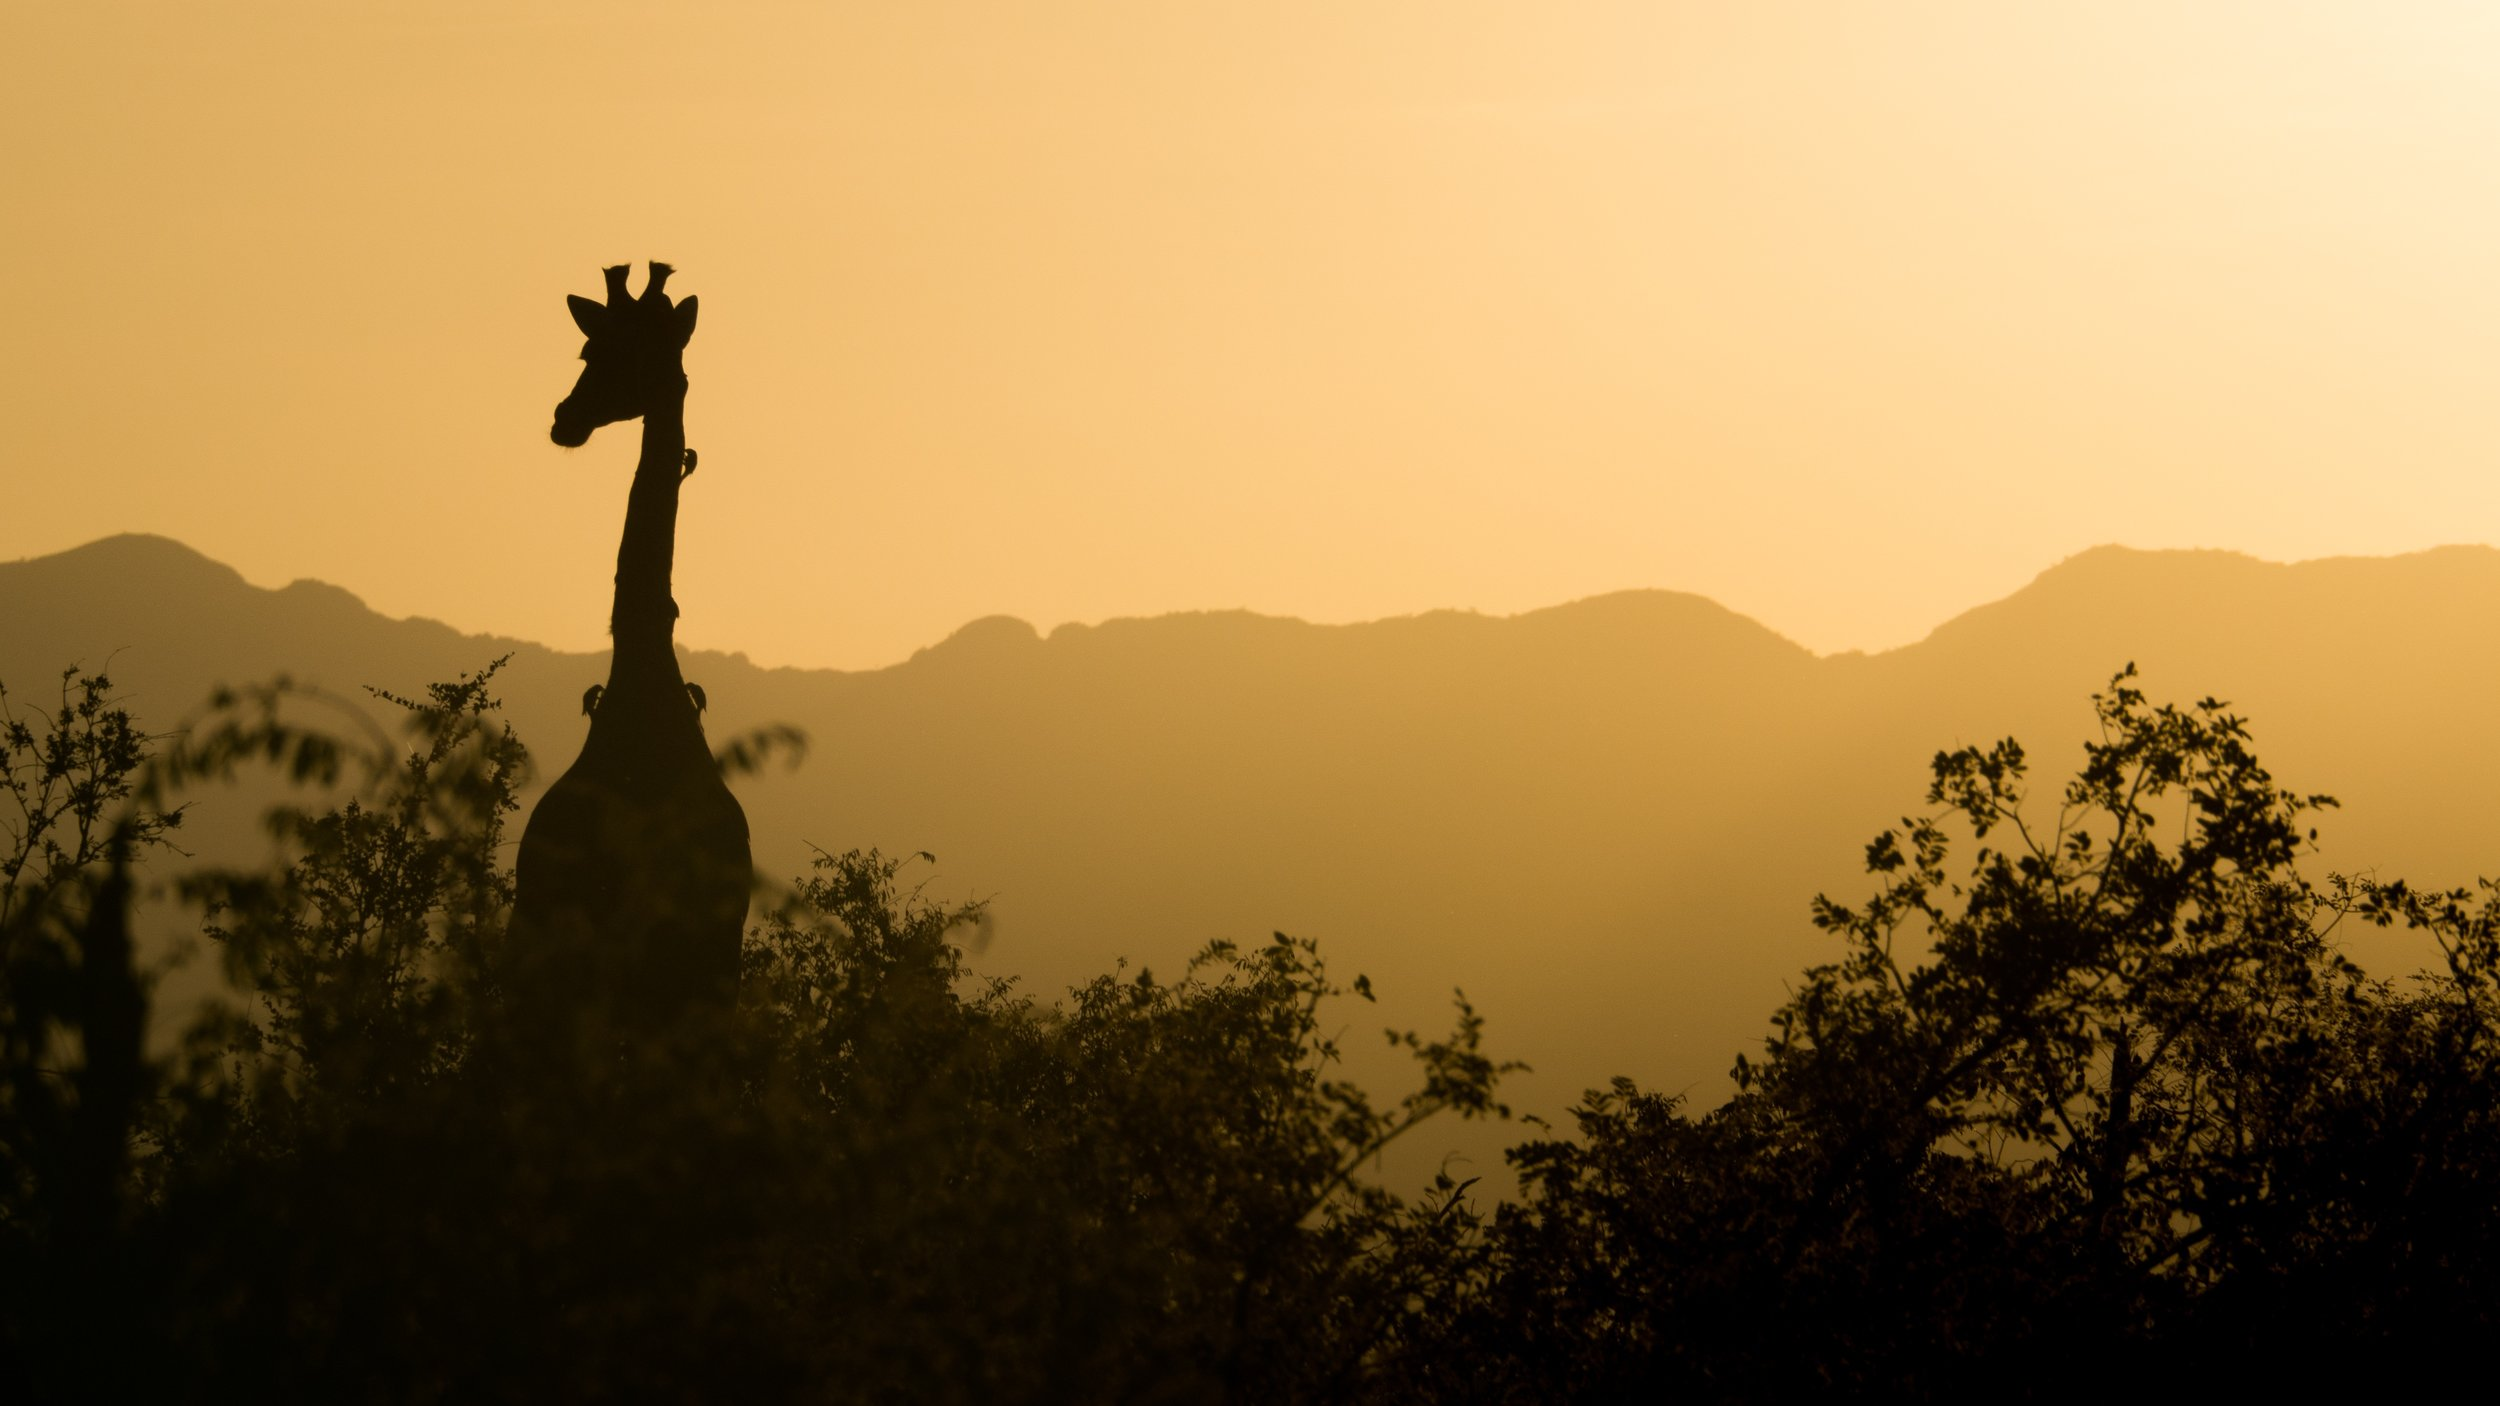 giraffe-2233366.jpg